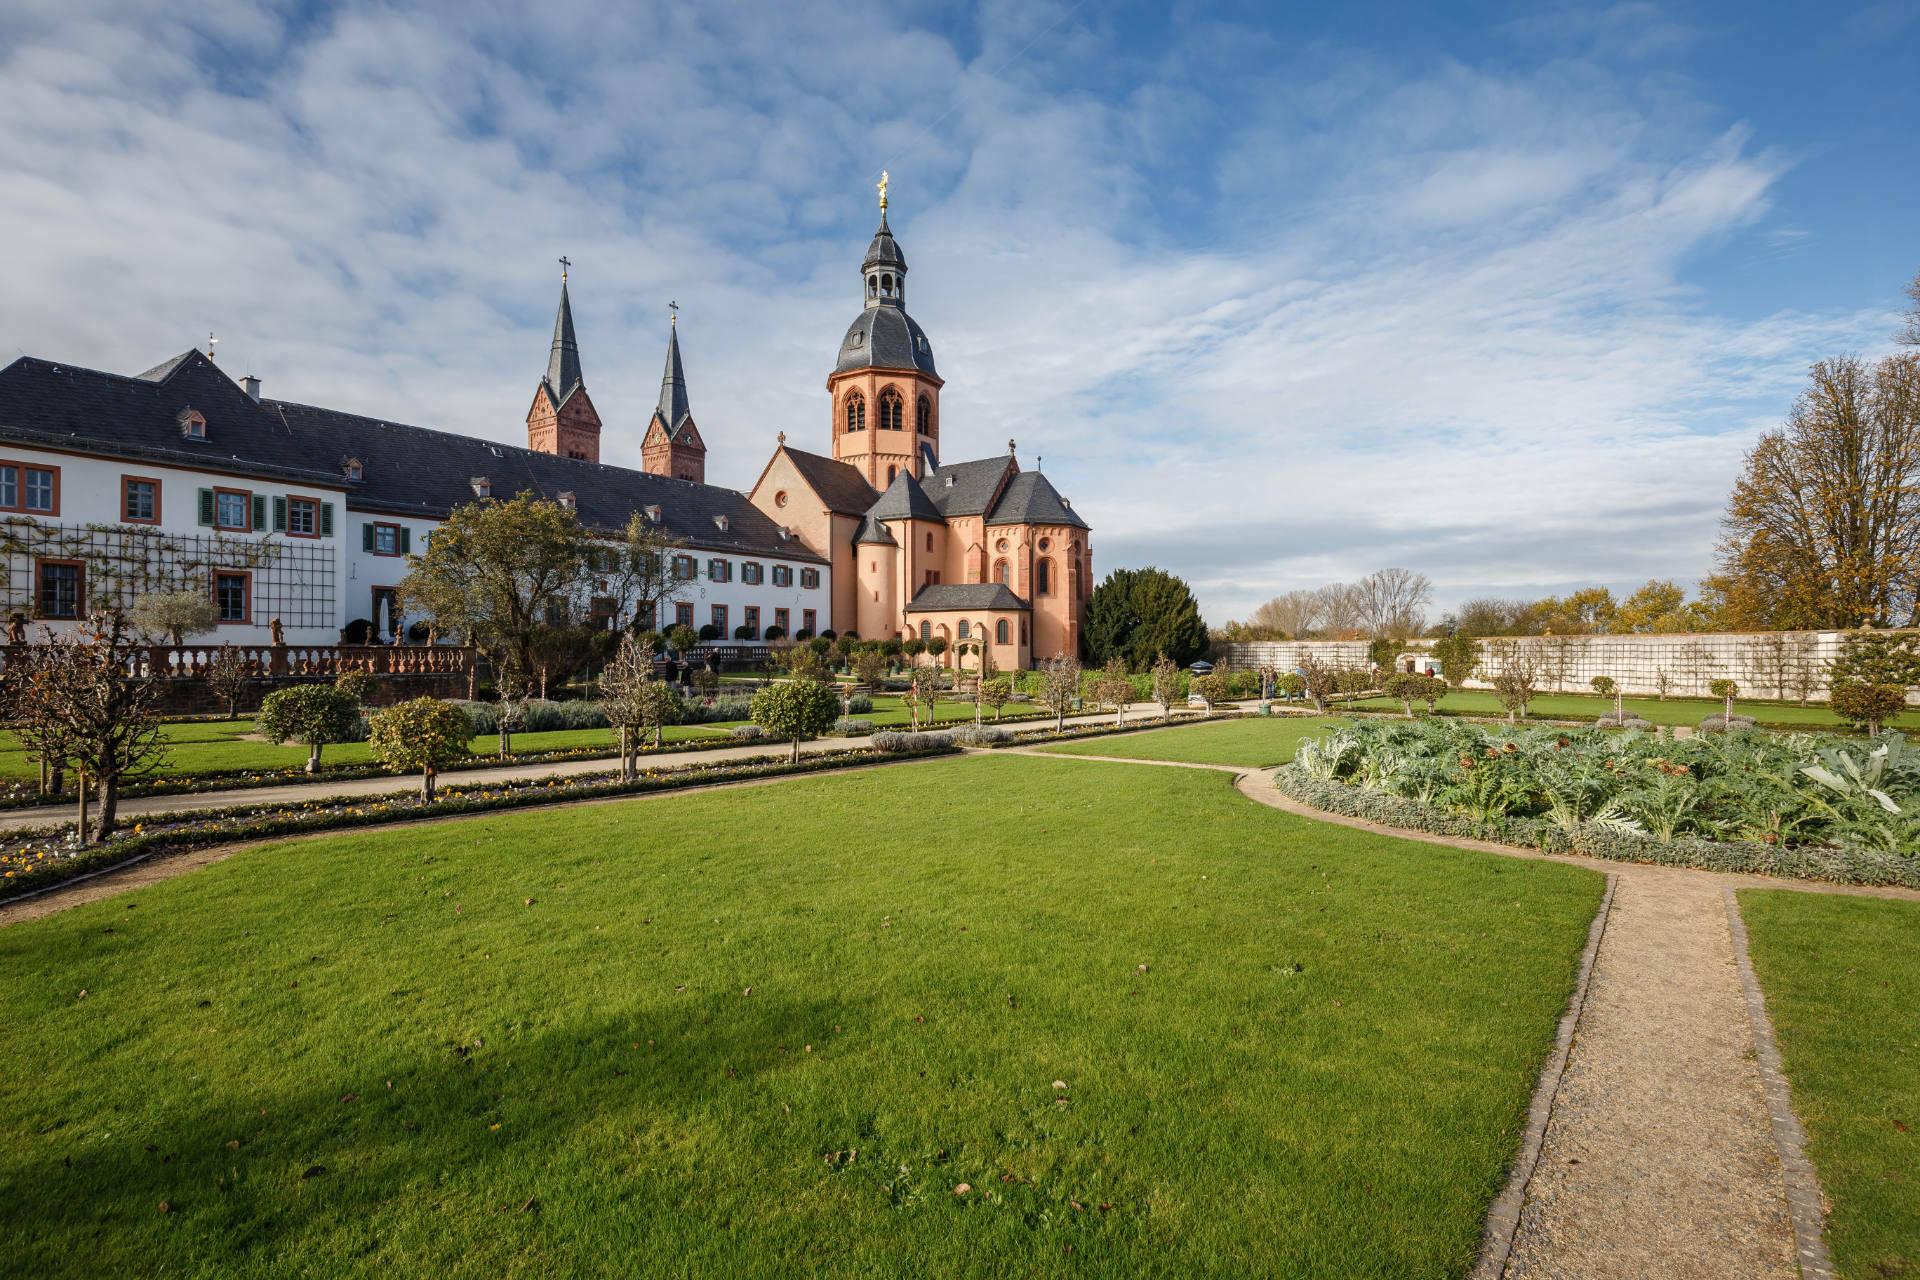 Leukel Kloster Seligenstadt